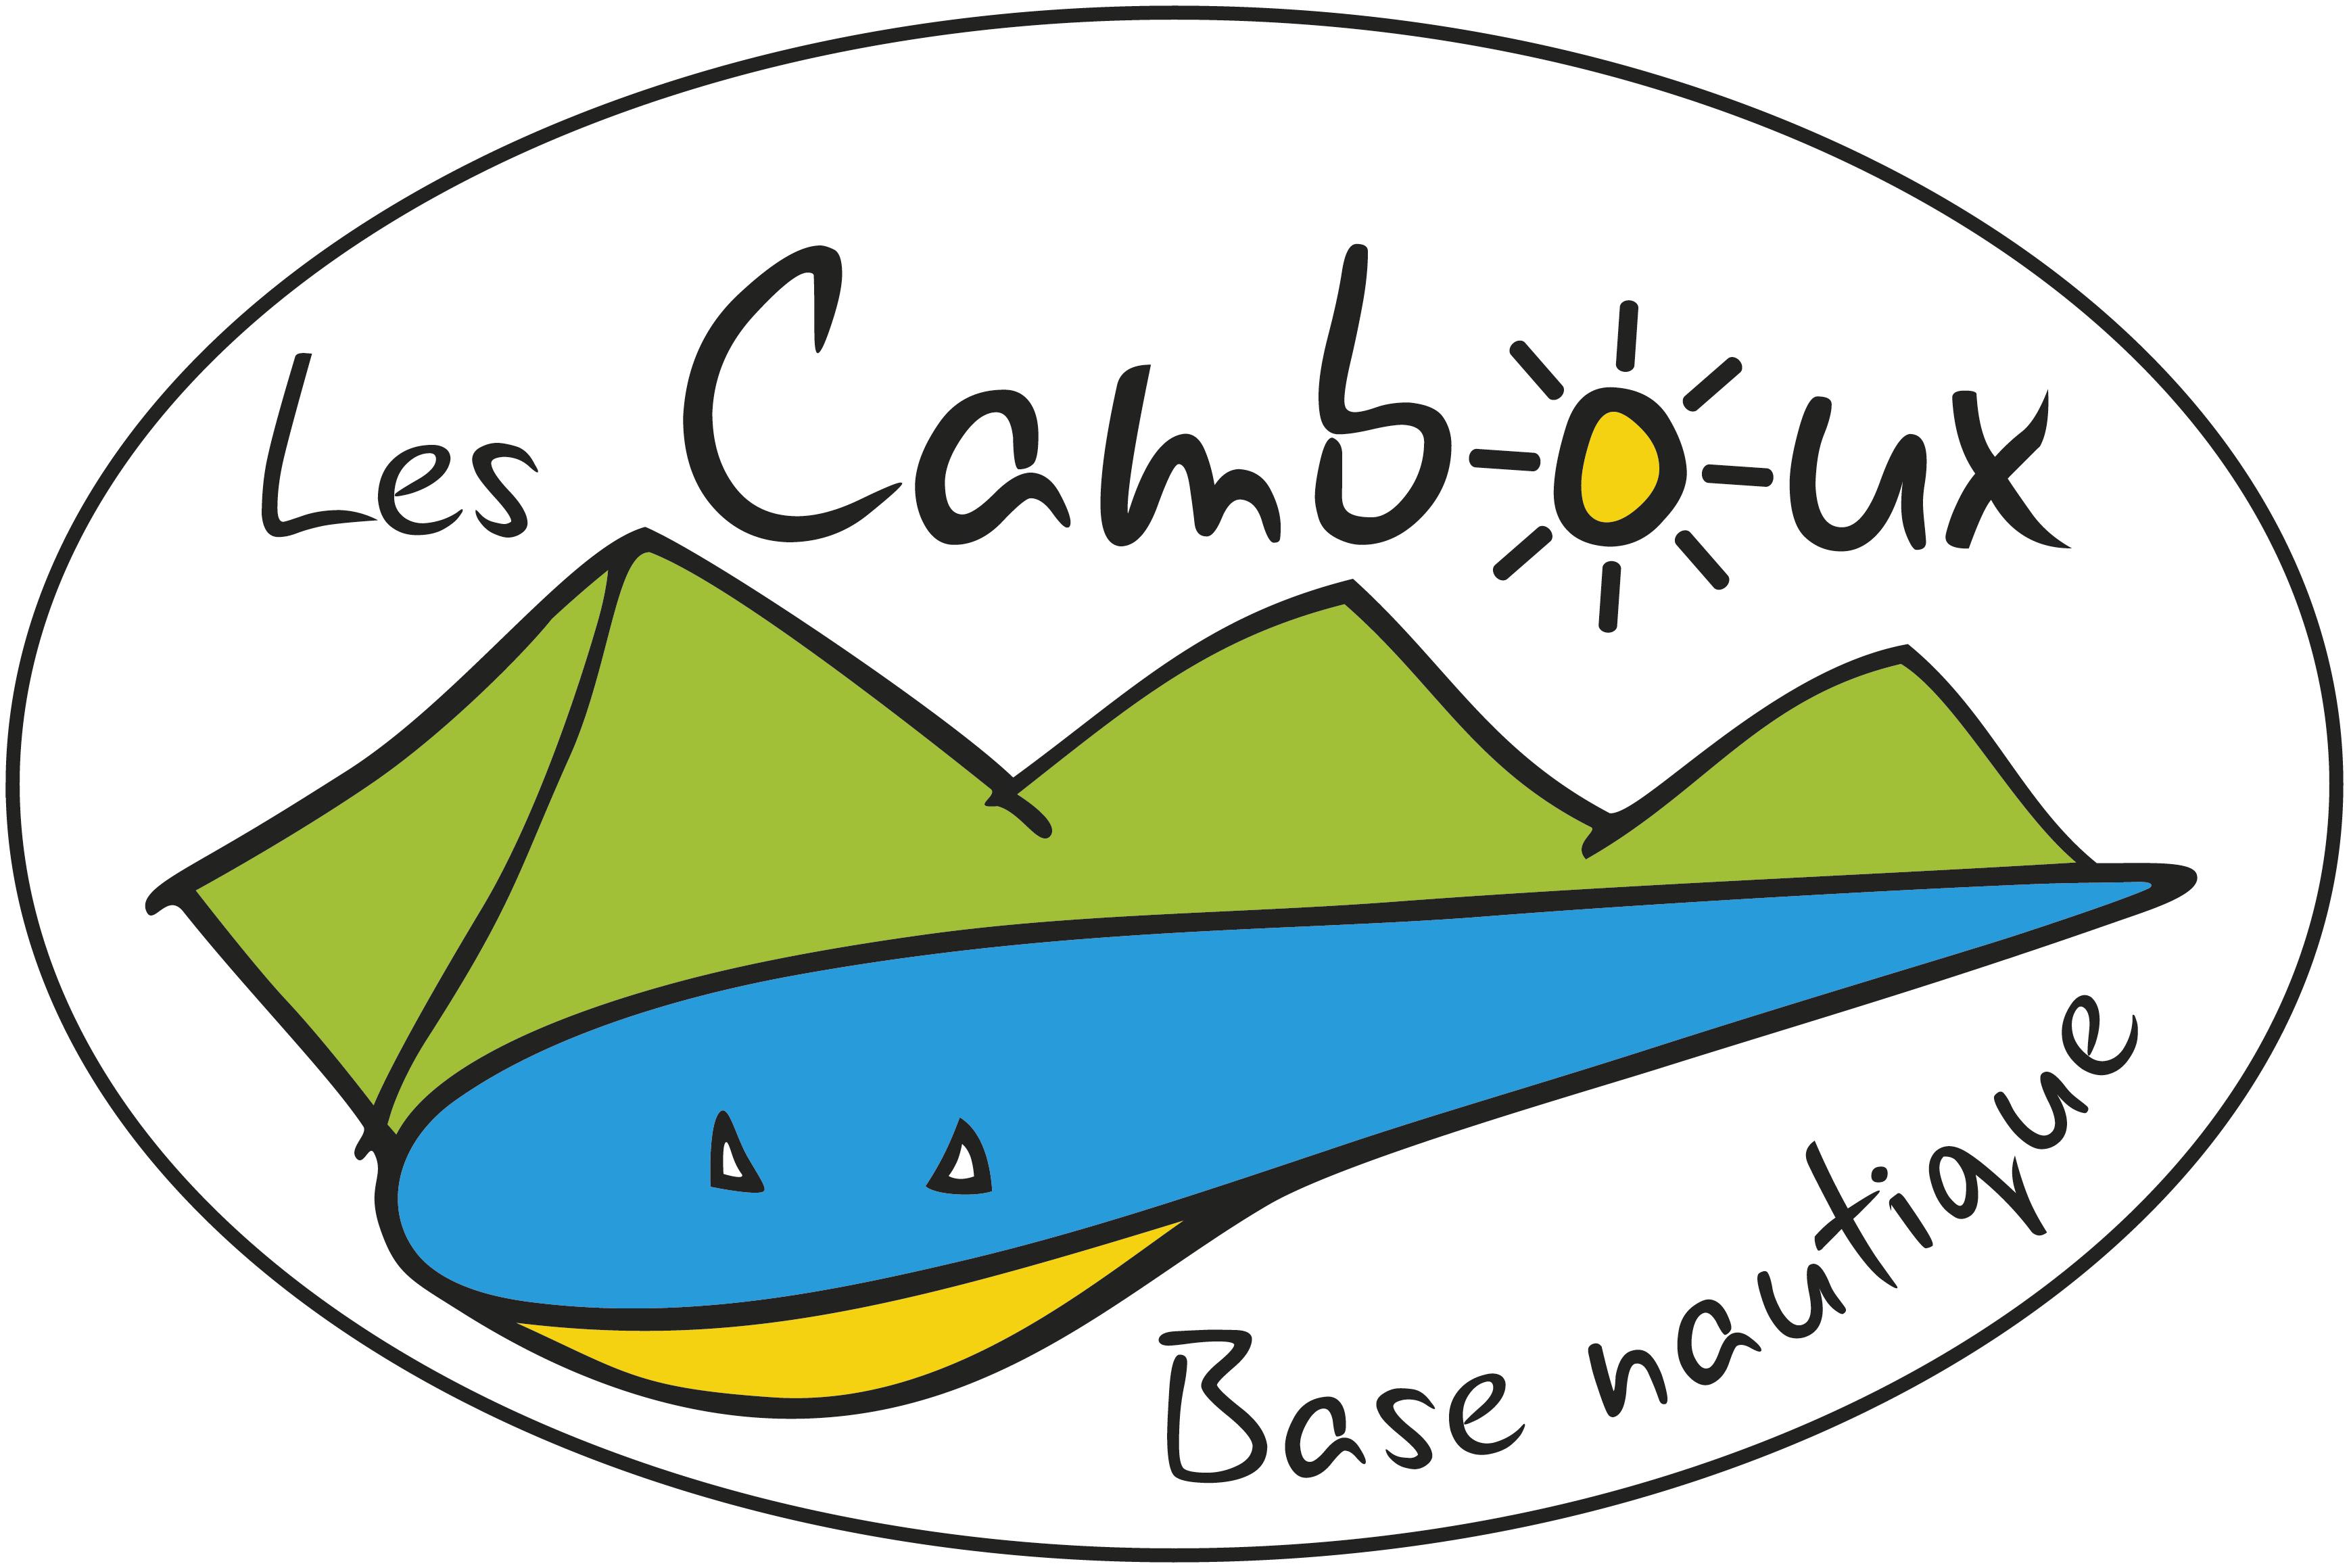 Les Camboux Base Nautique